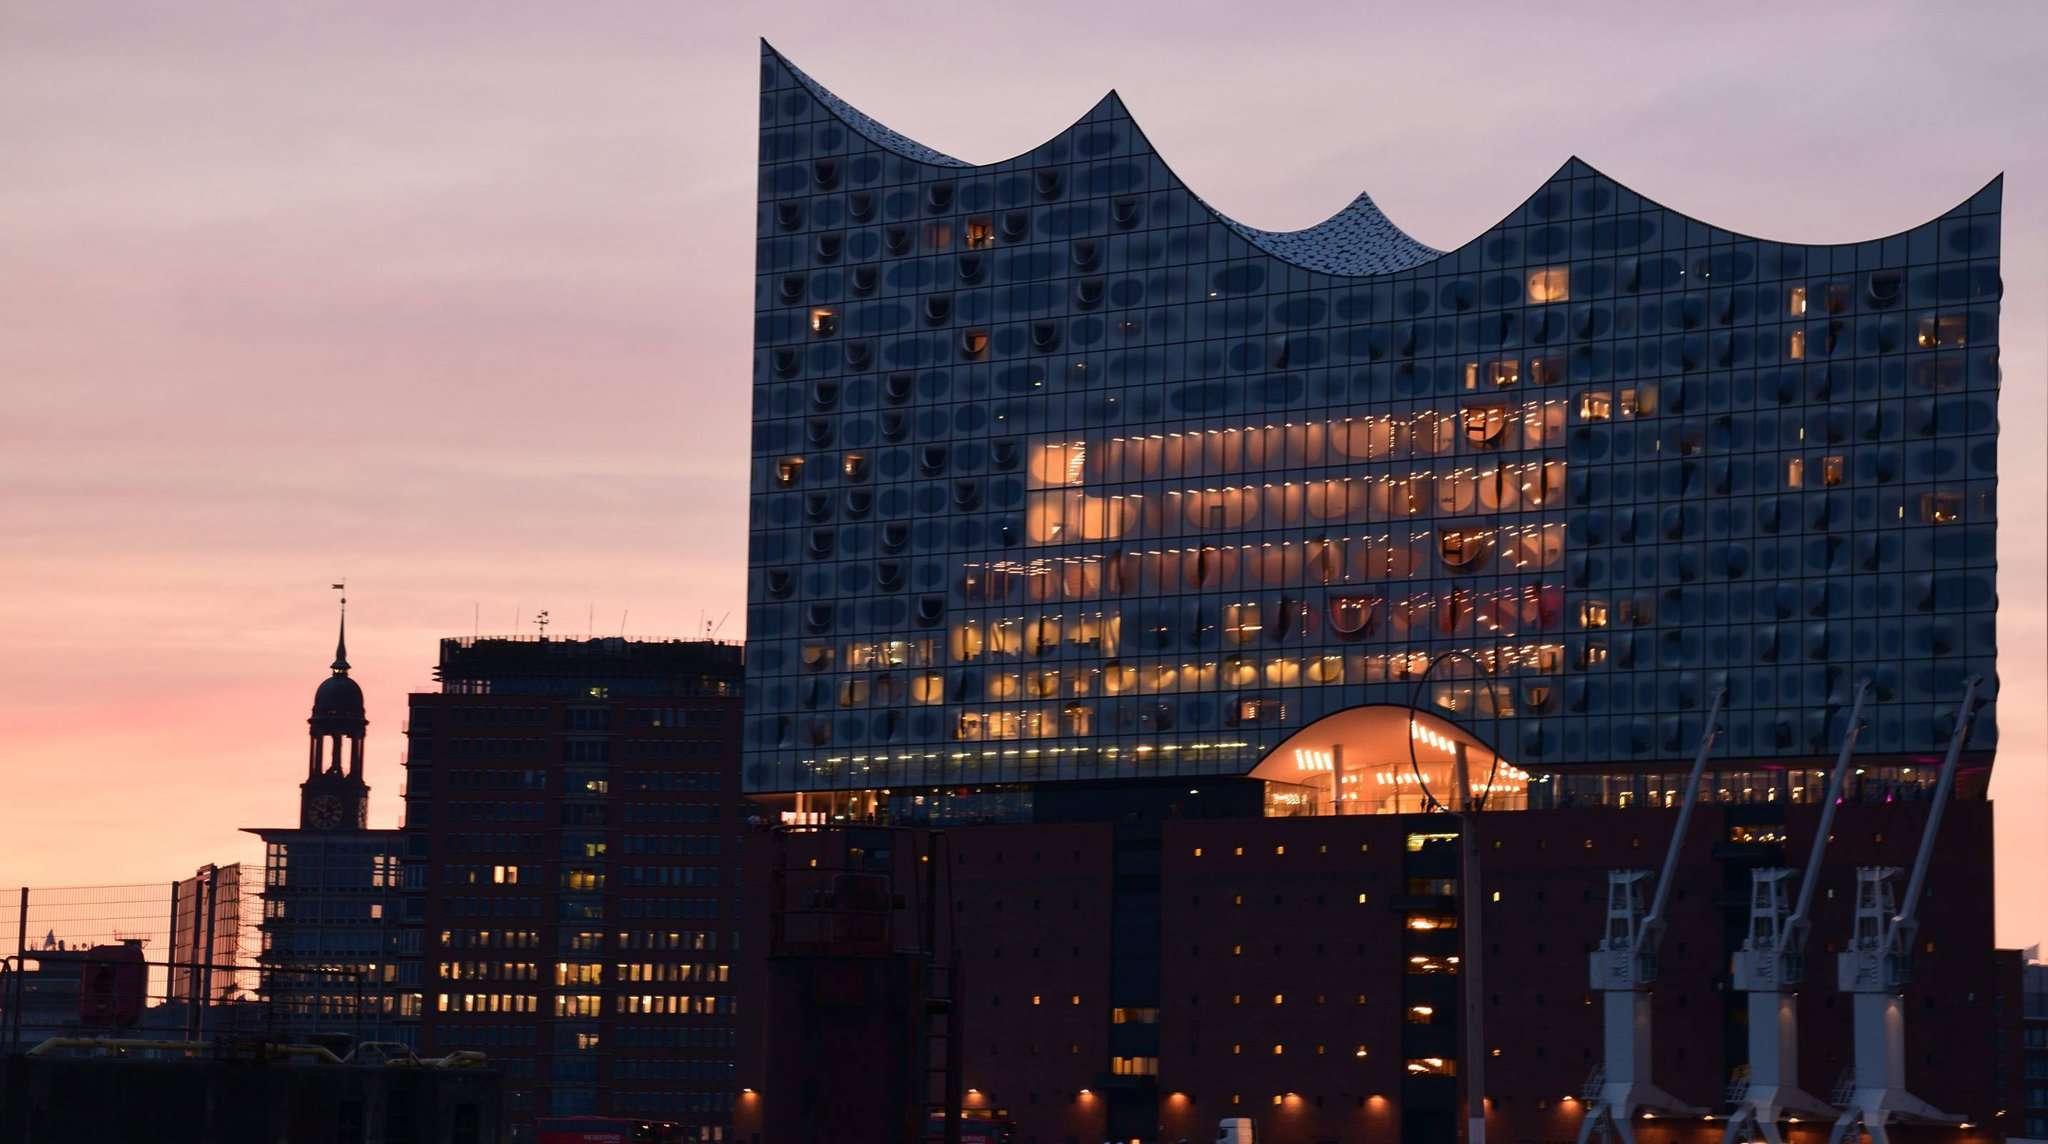 Mit dieser Aufnahme der Elbphilharmonie im Hamburger Hafen und den drei Kränen davor entscheidet Stefanie Wilke den September-Wettbewerb für sich.